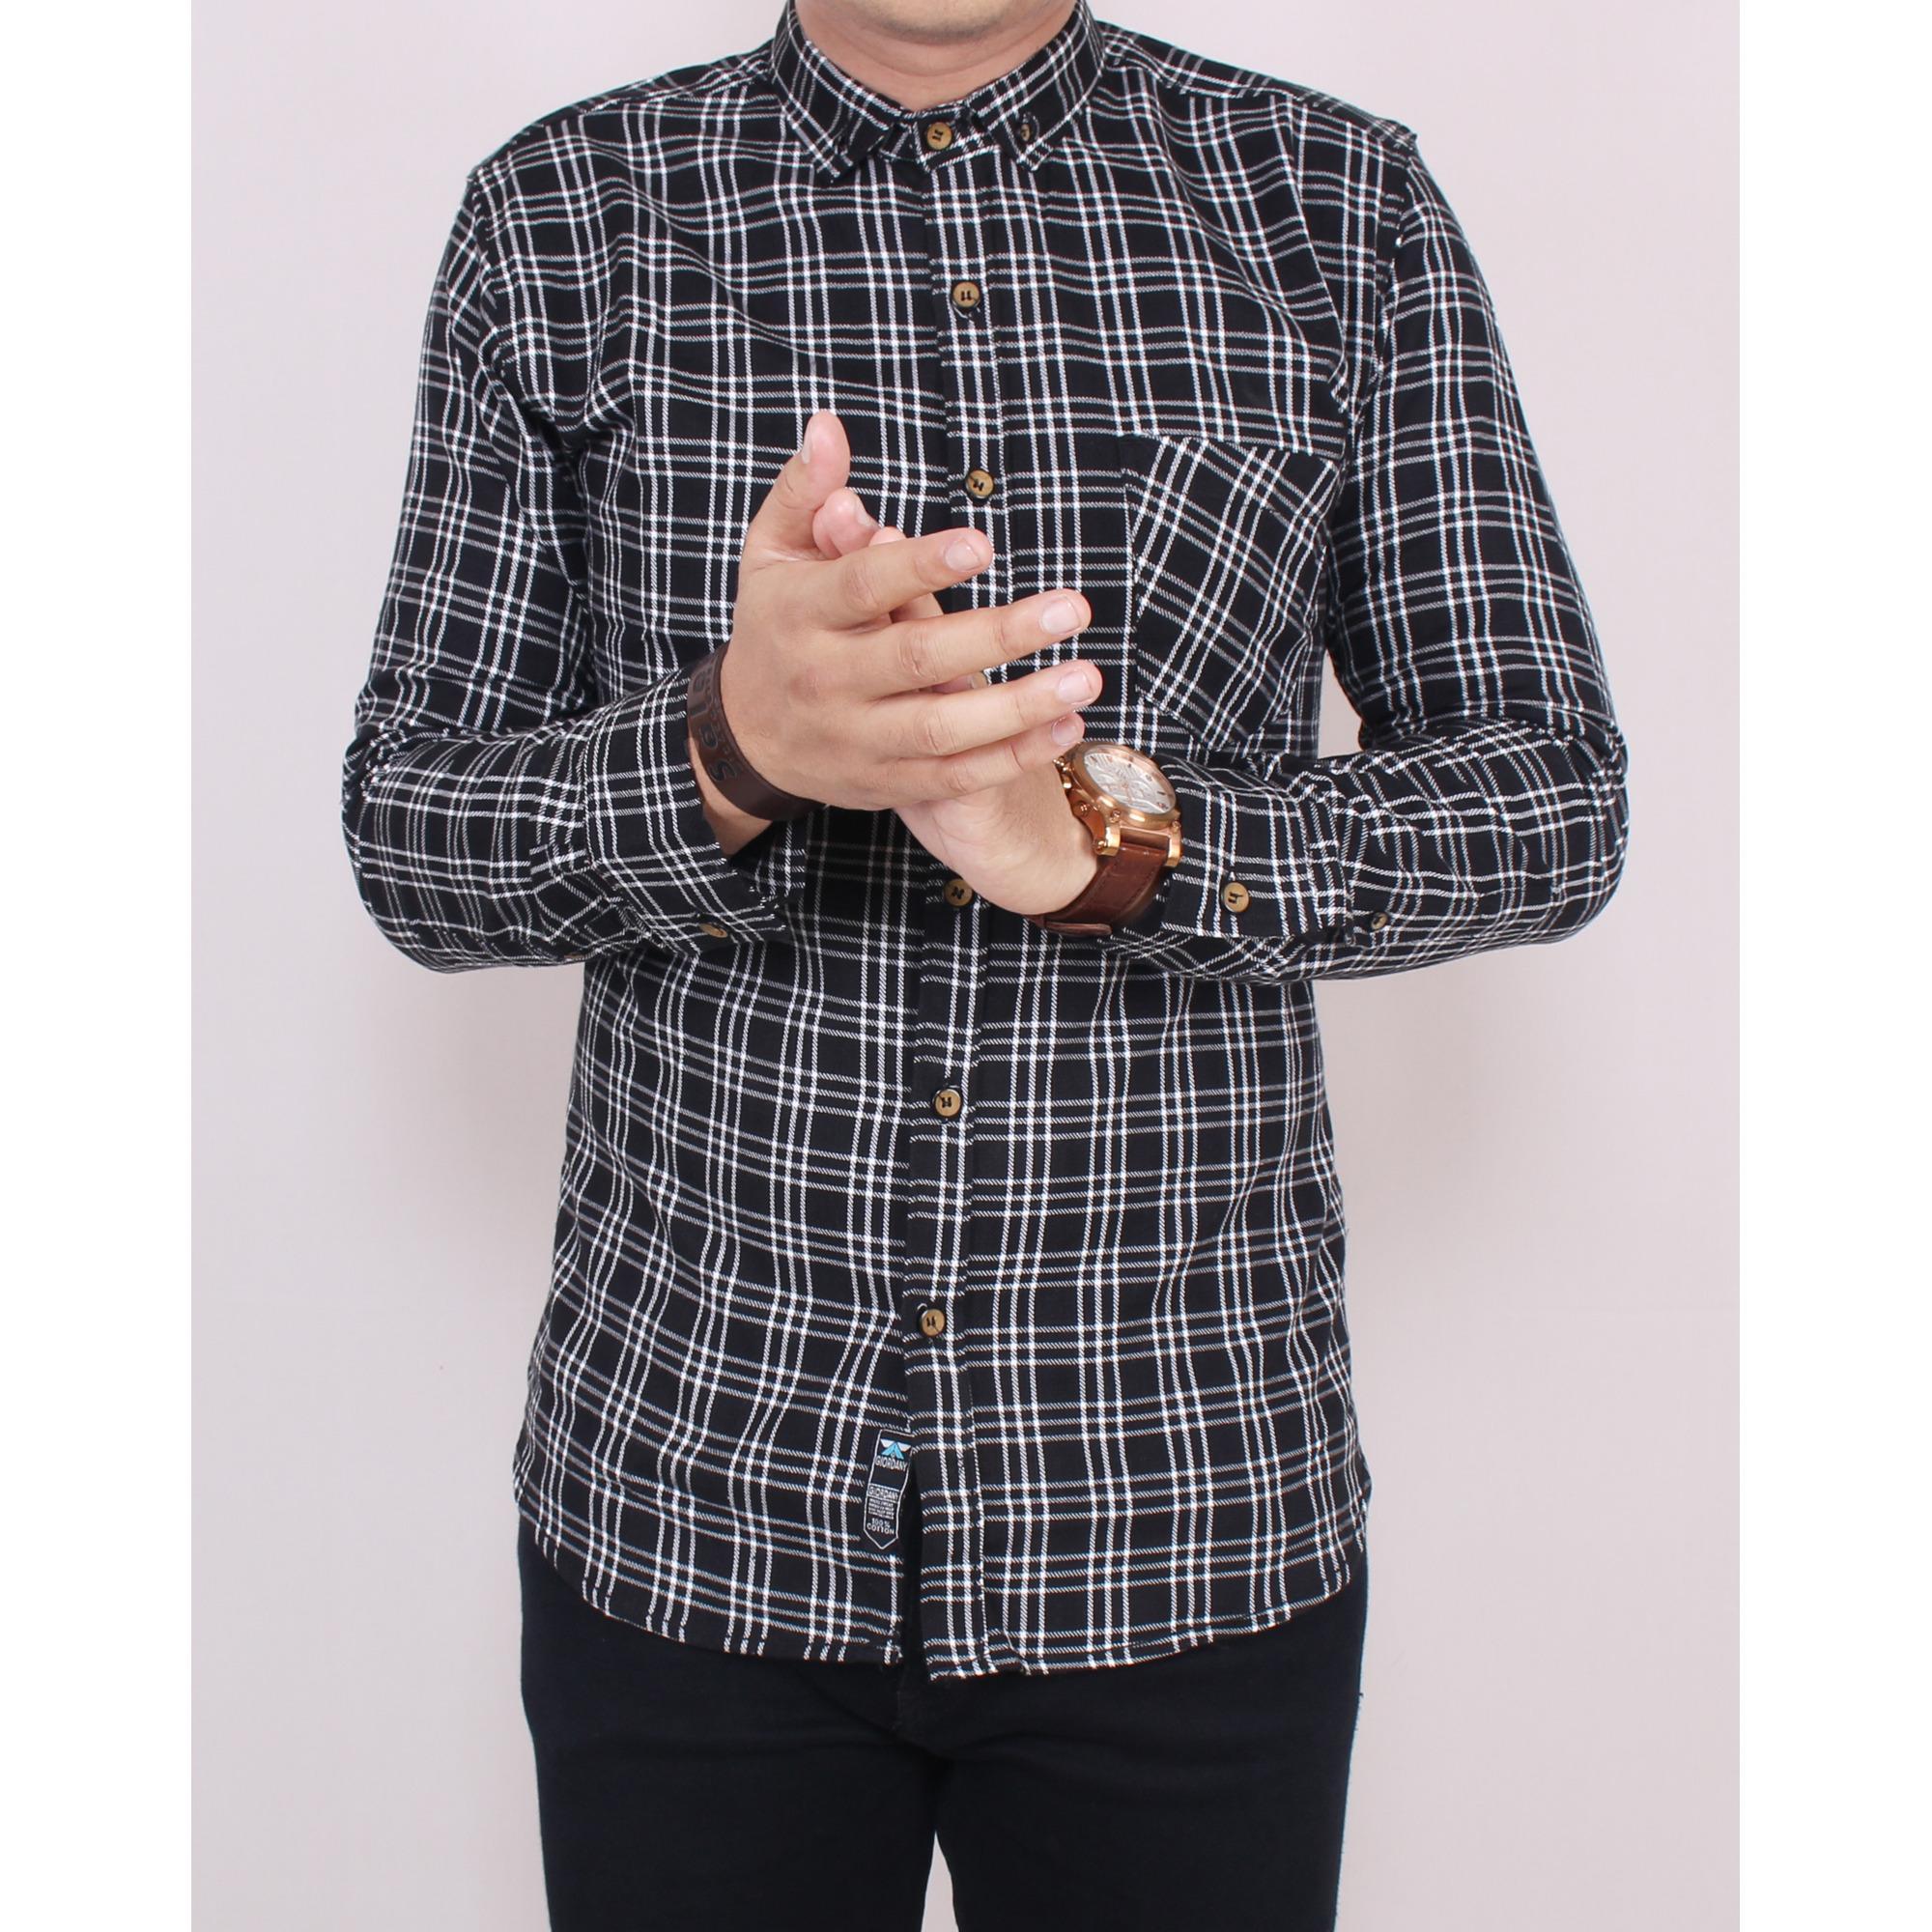 Toko Zoeystore1 5529 Kemeja Flanel Pria Lengan Panjang Exclsuive Baju Kemeja Flannel Cowok Kerja Kantoran Formal Kemeja Kotak Distro Lengkap Di Dki Jakarta